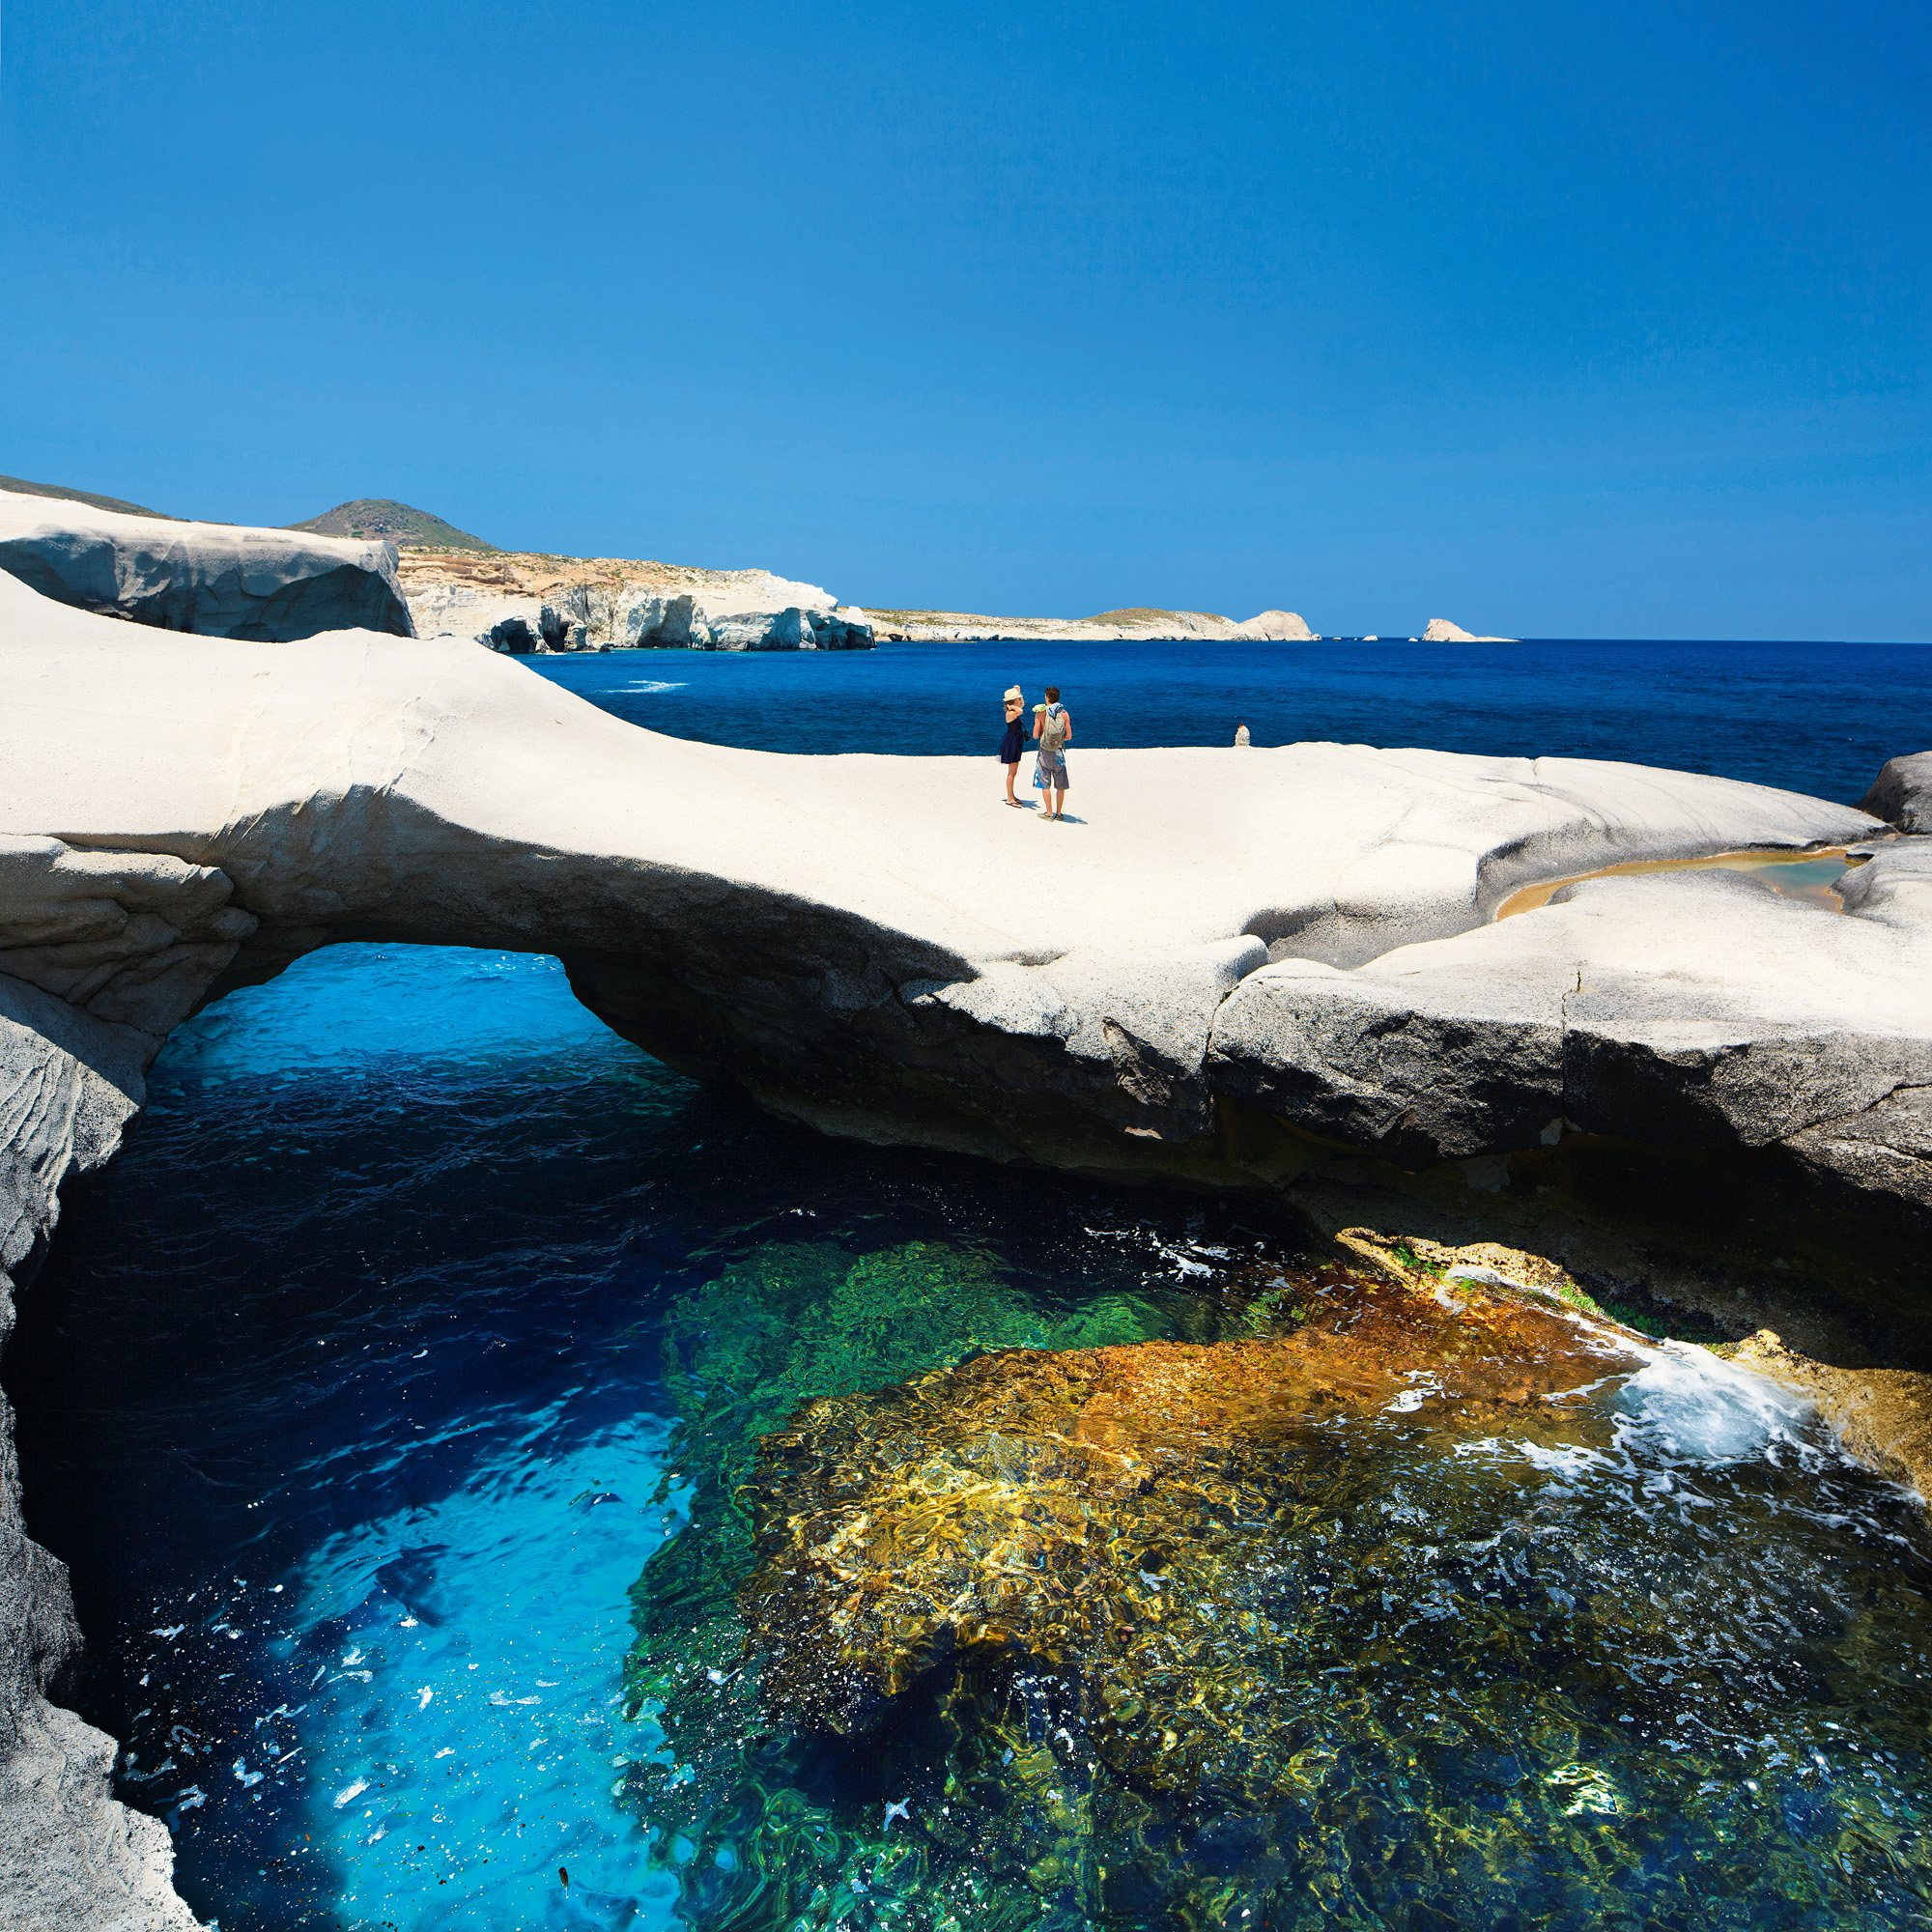 Sarakiniko. Isla de Milo. Grecia.